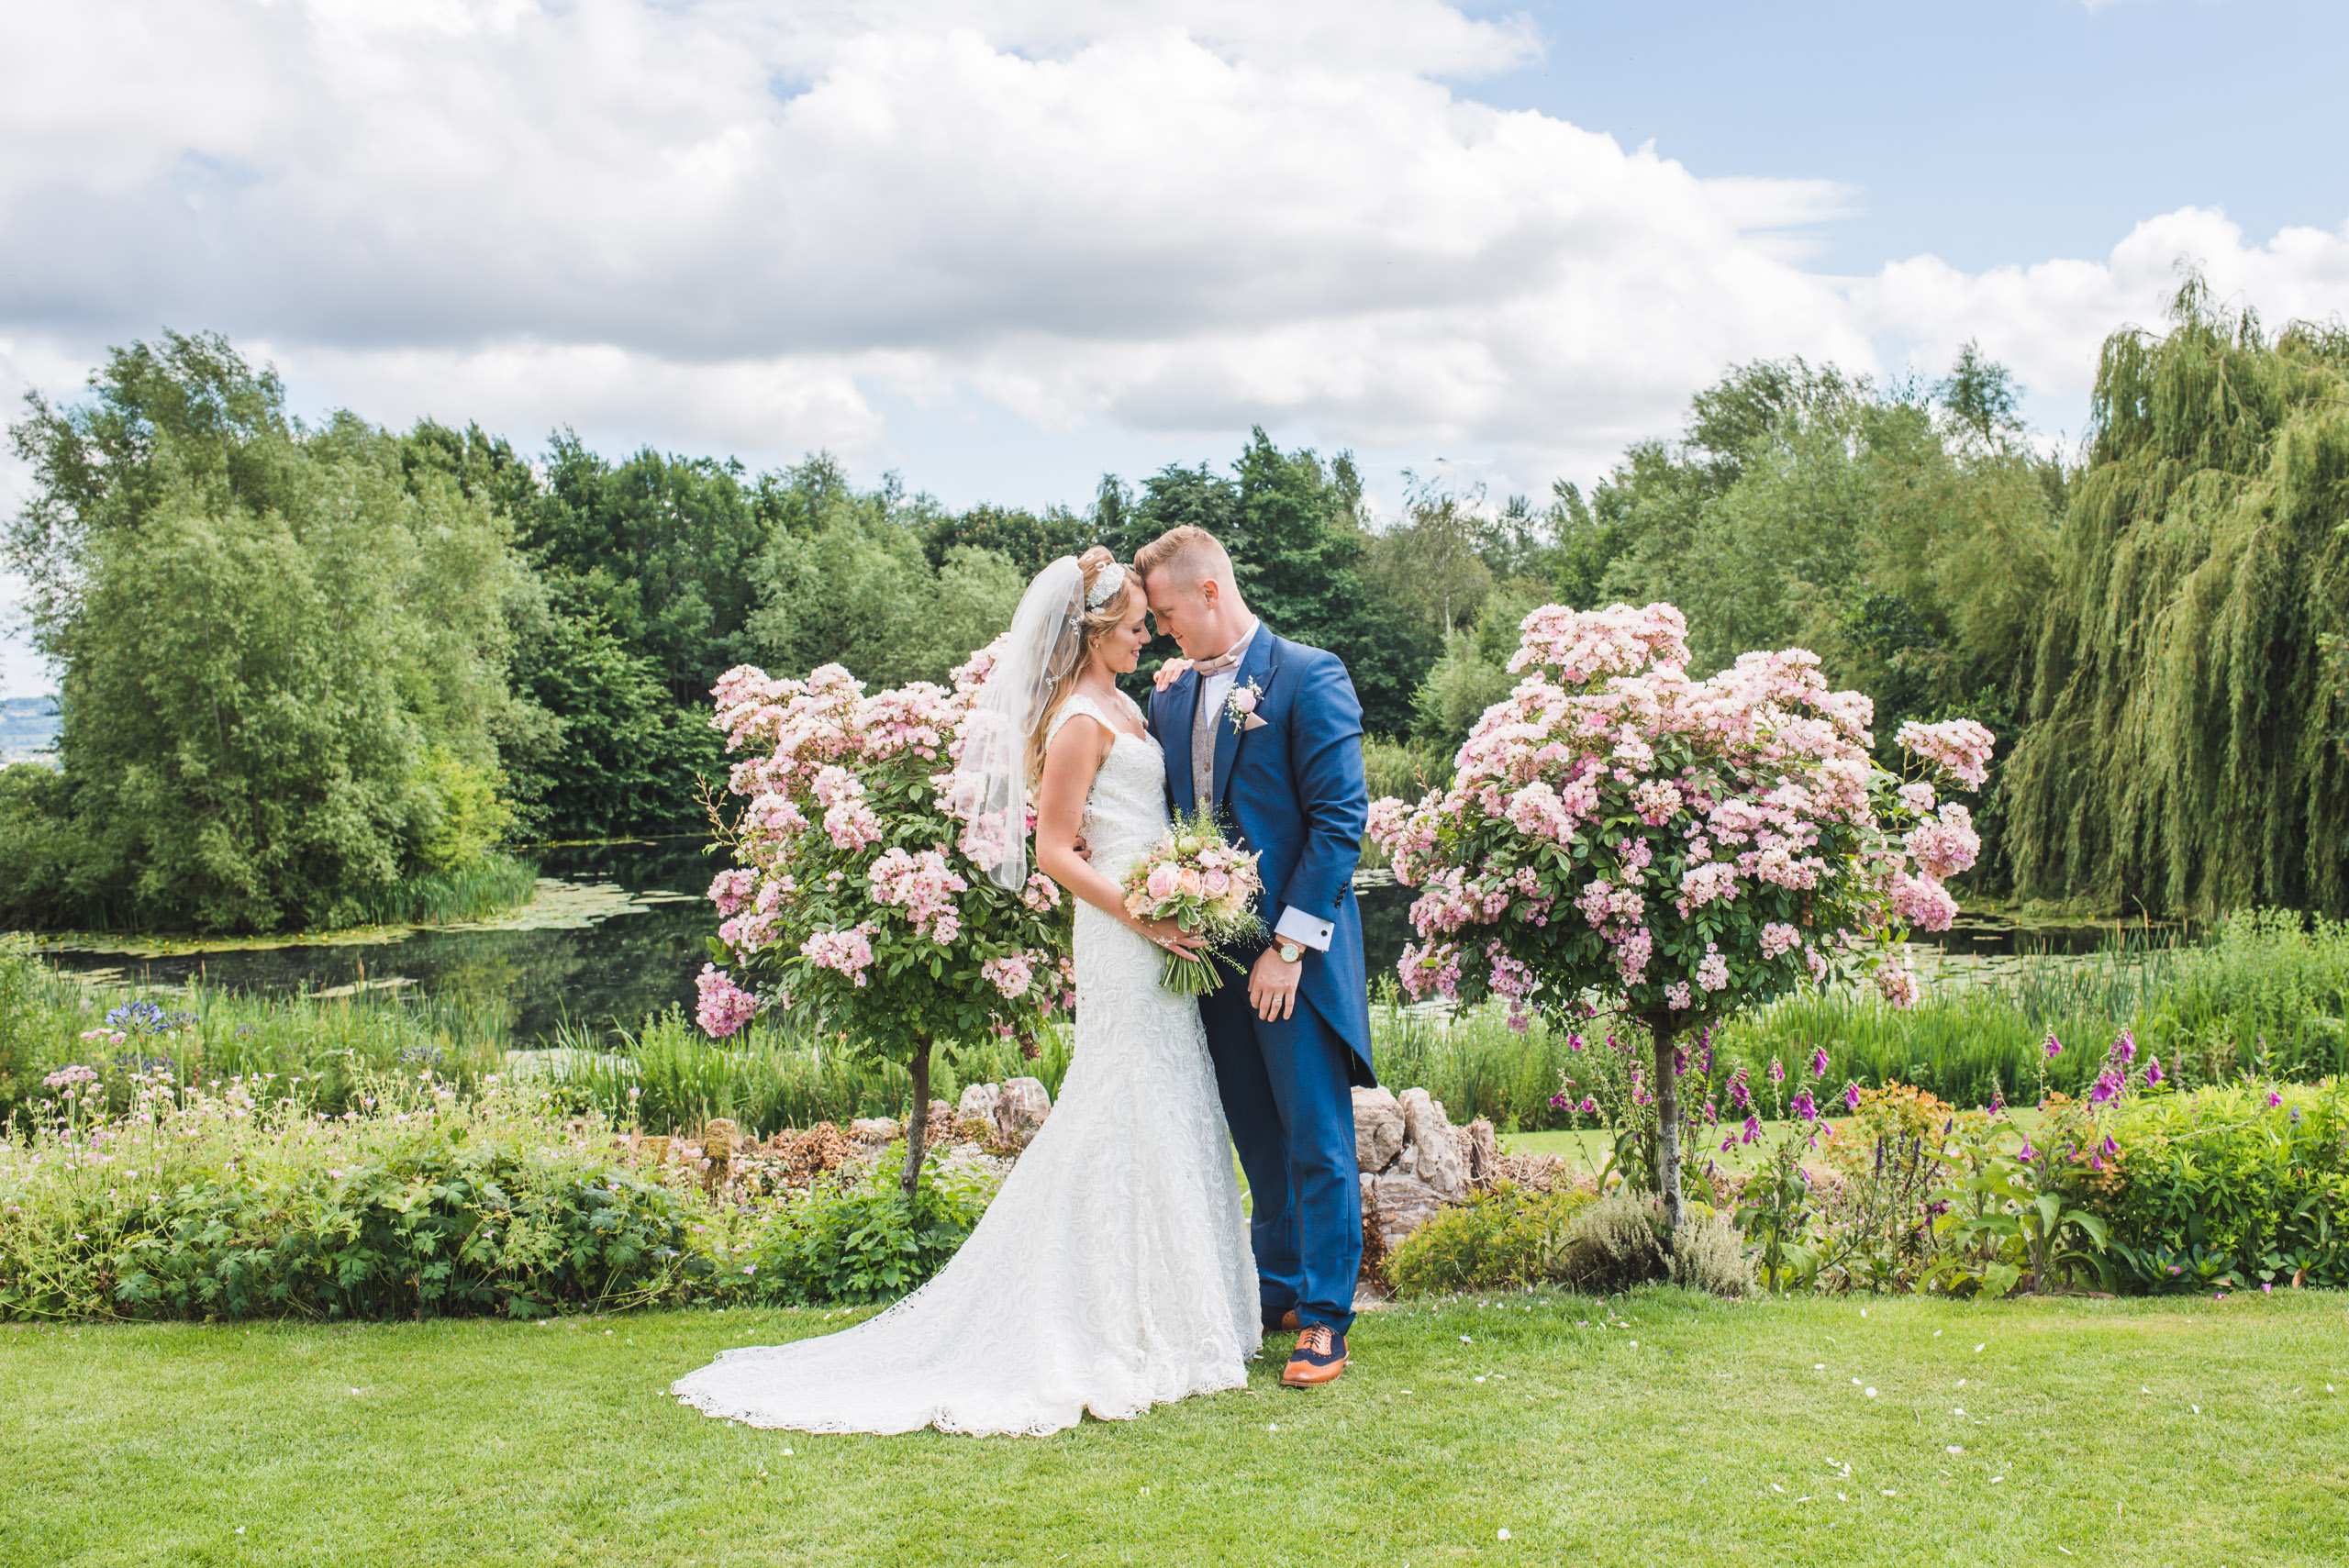 Lyde Arundel wedding, wedding portrait